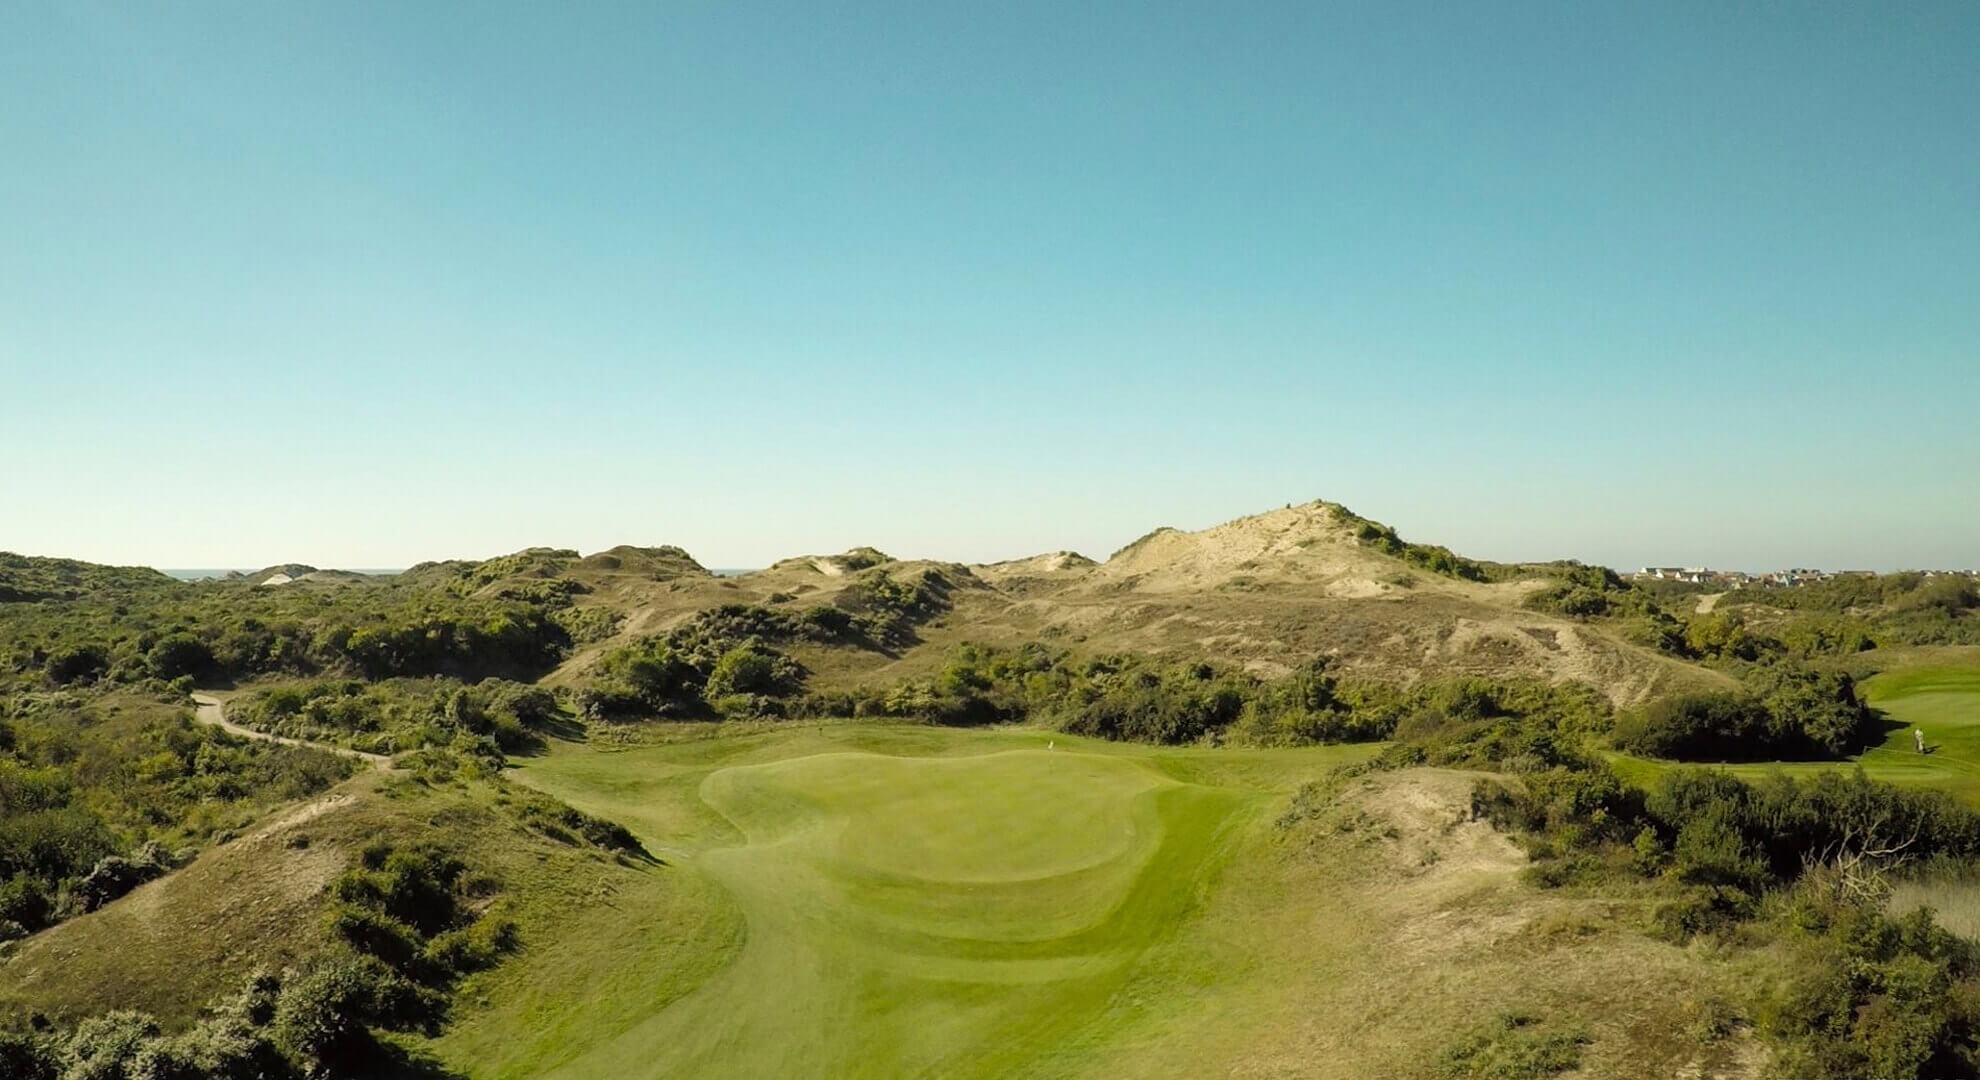 Golf de Belle-Dune Golf Course, Le Tourquet, France